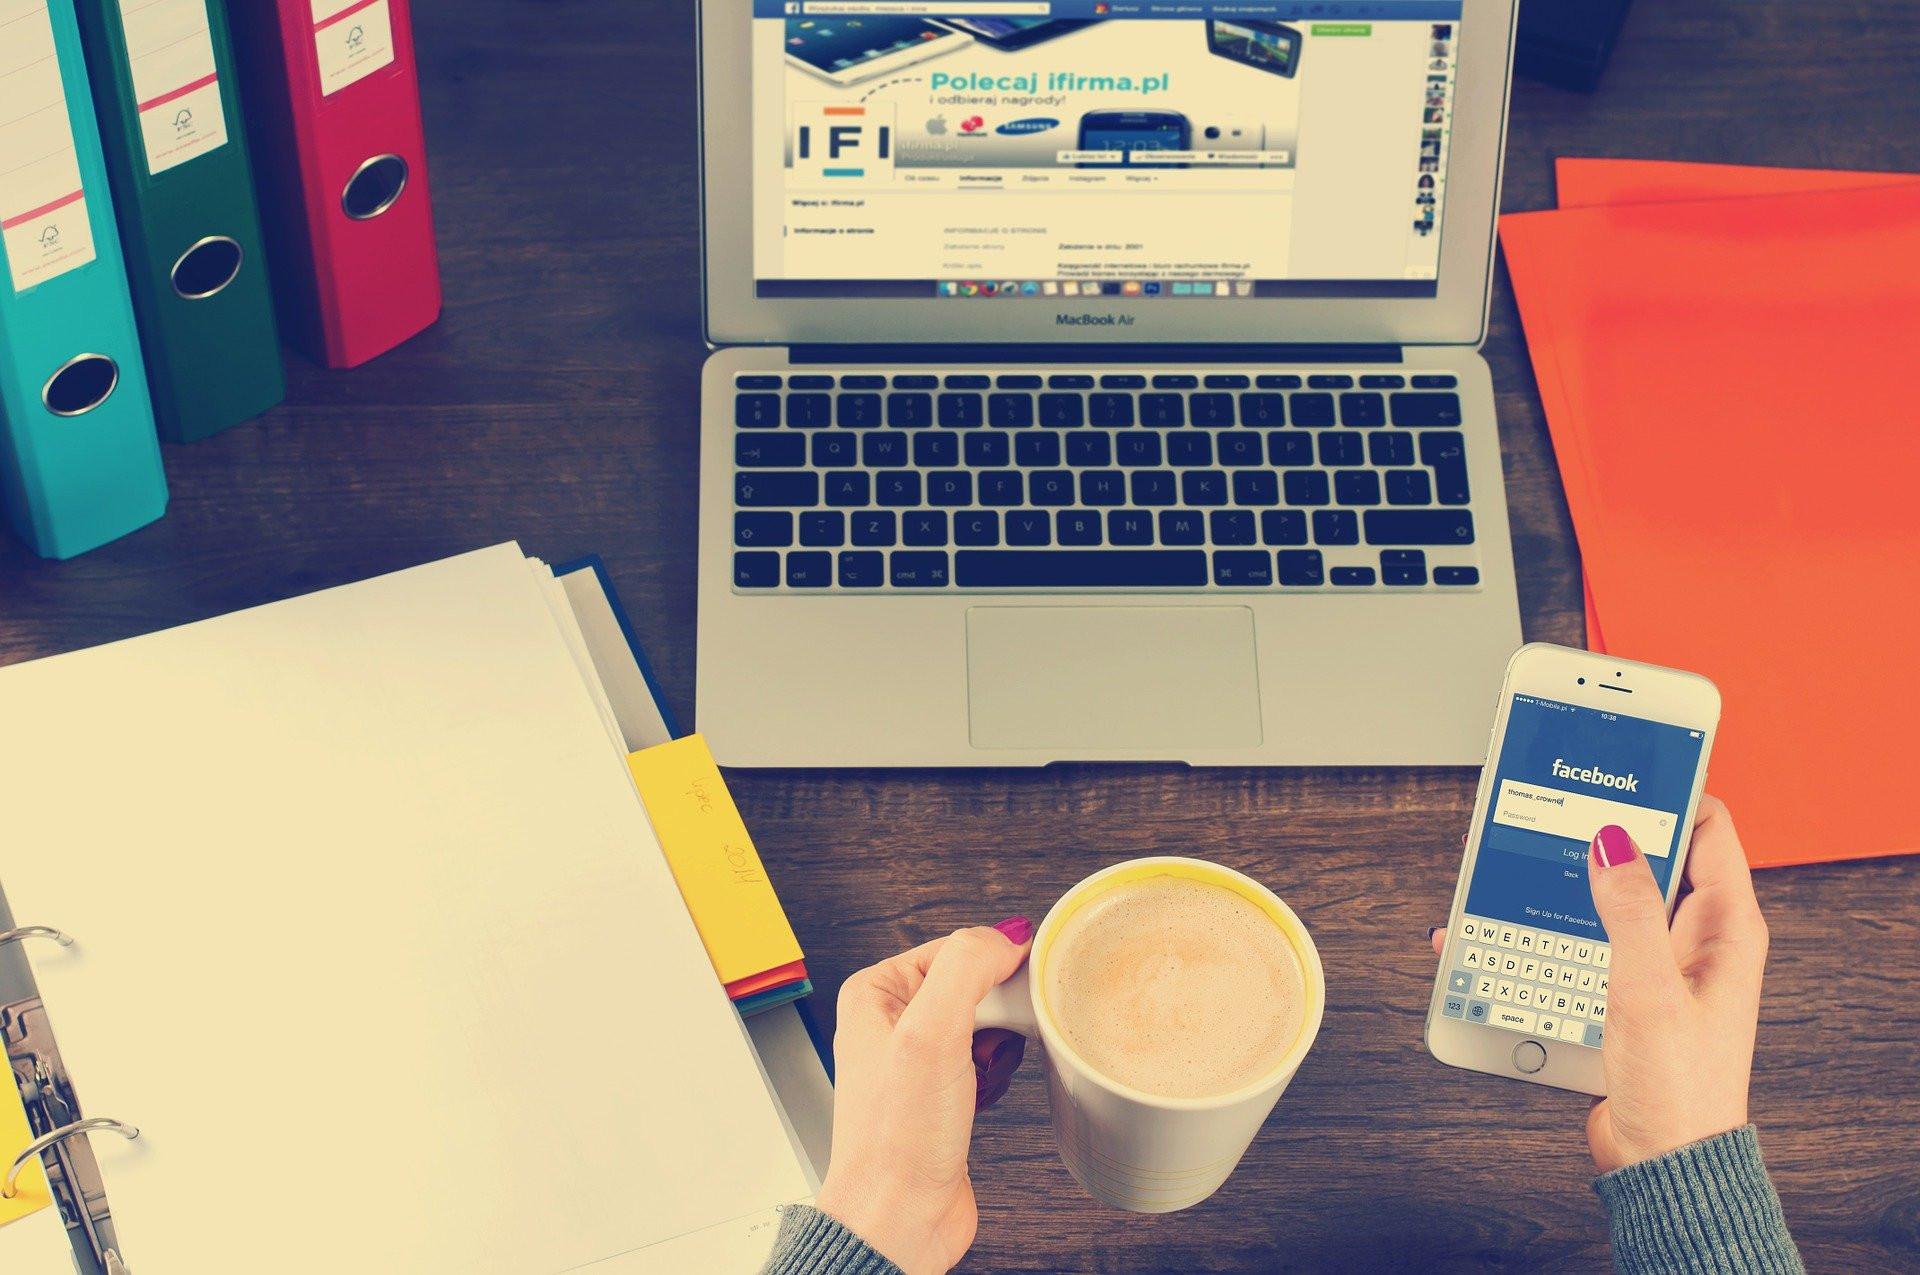 programar-publicaciones-facebook-creator-studio